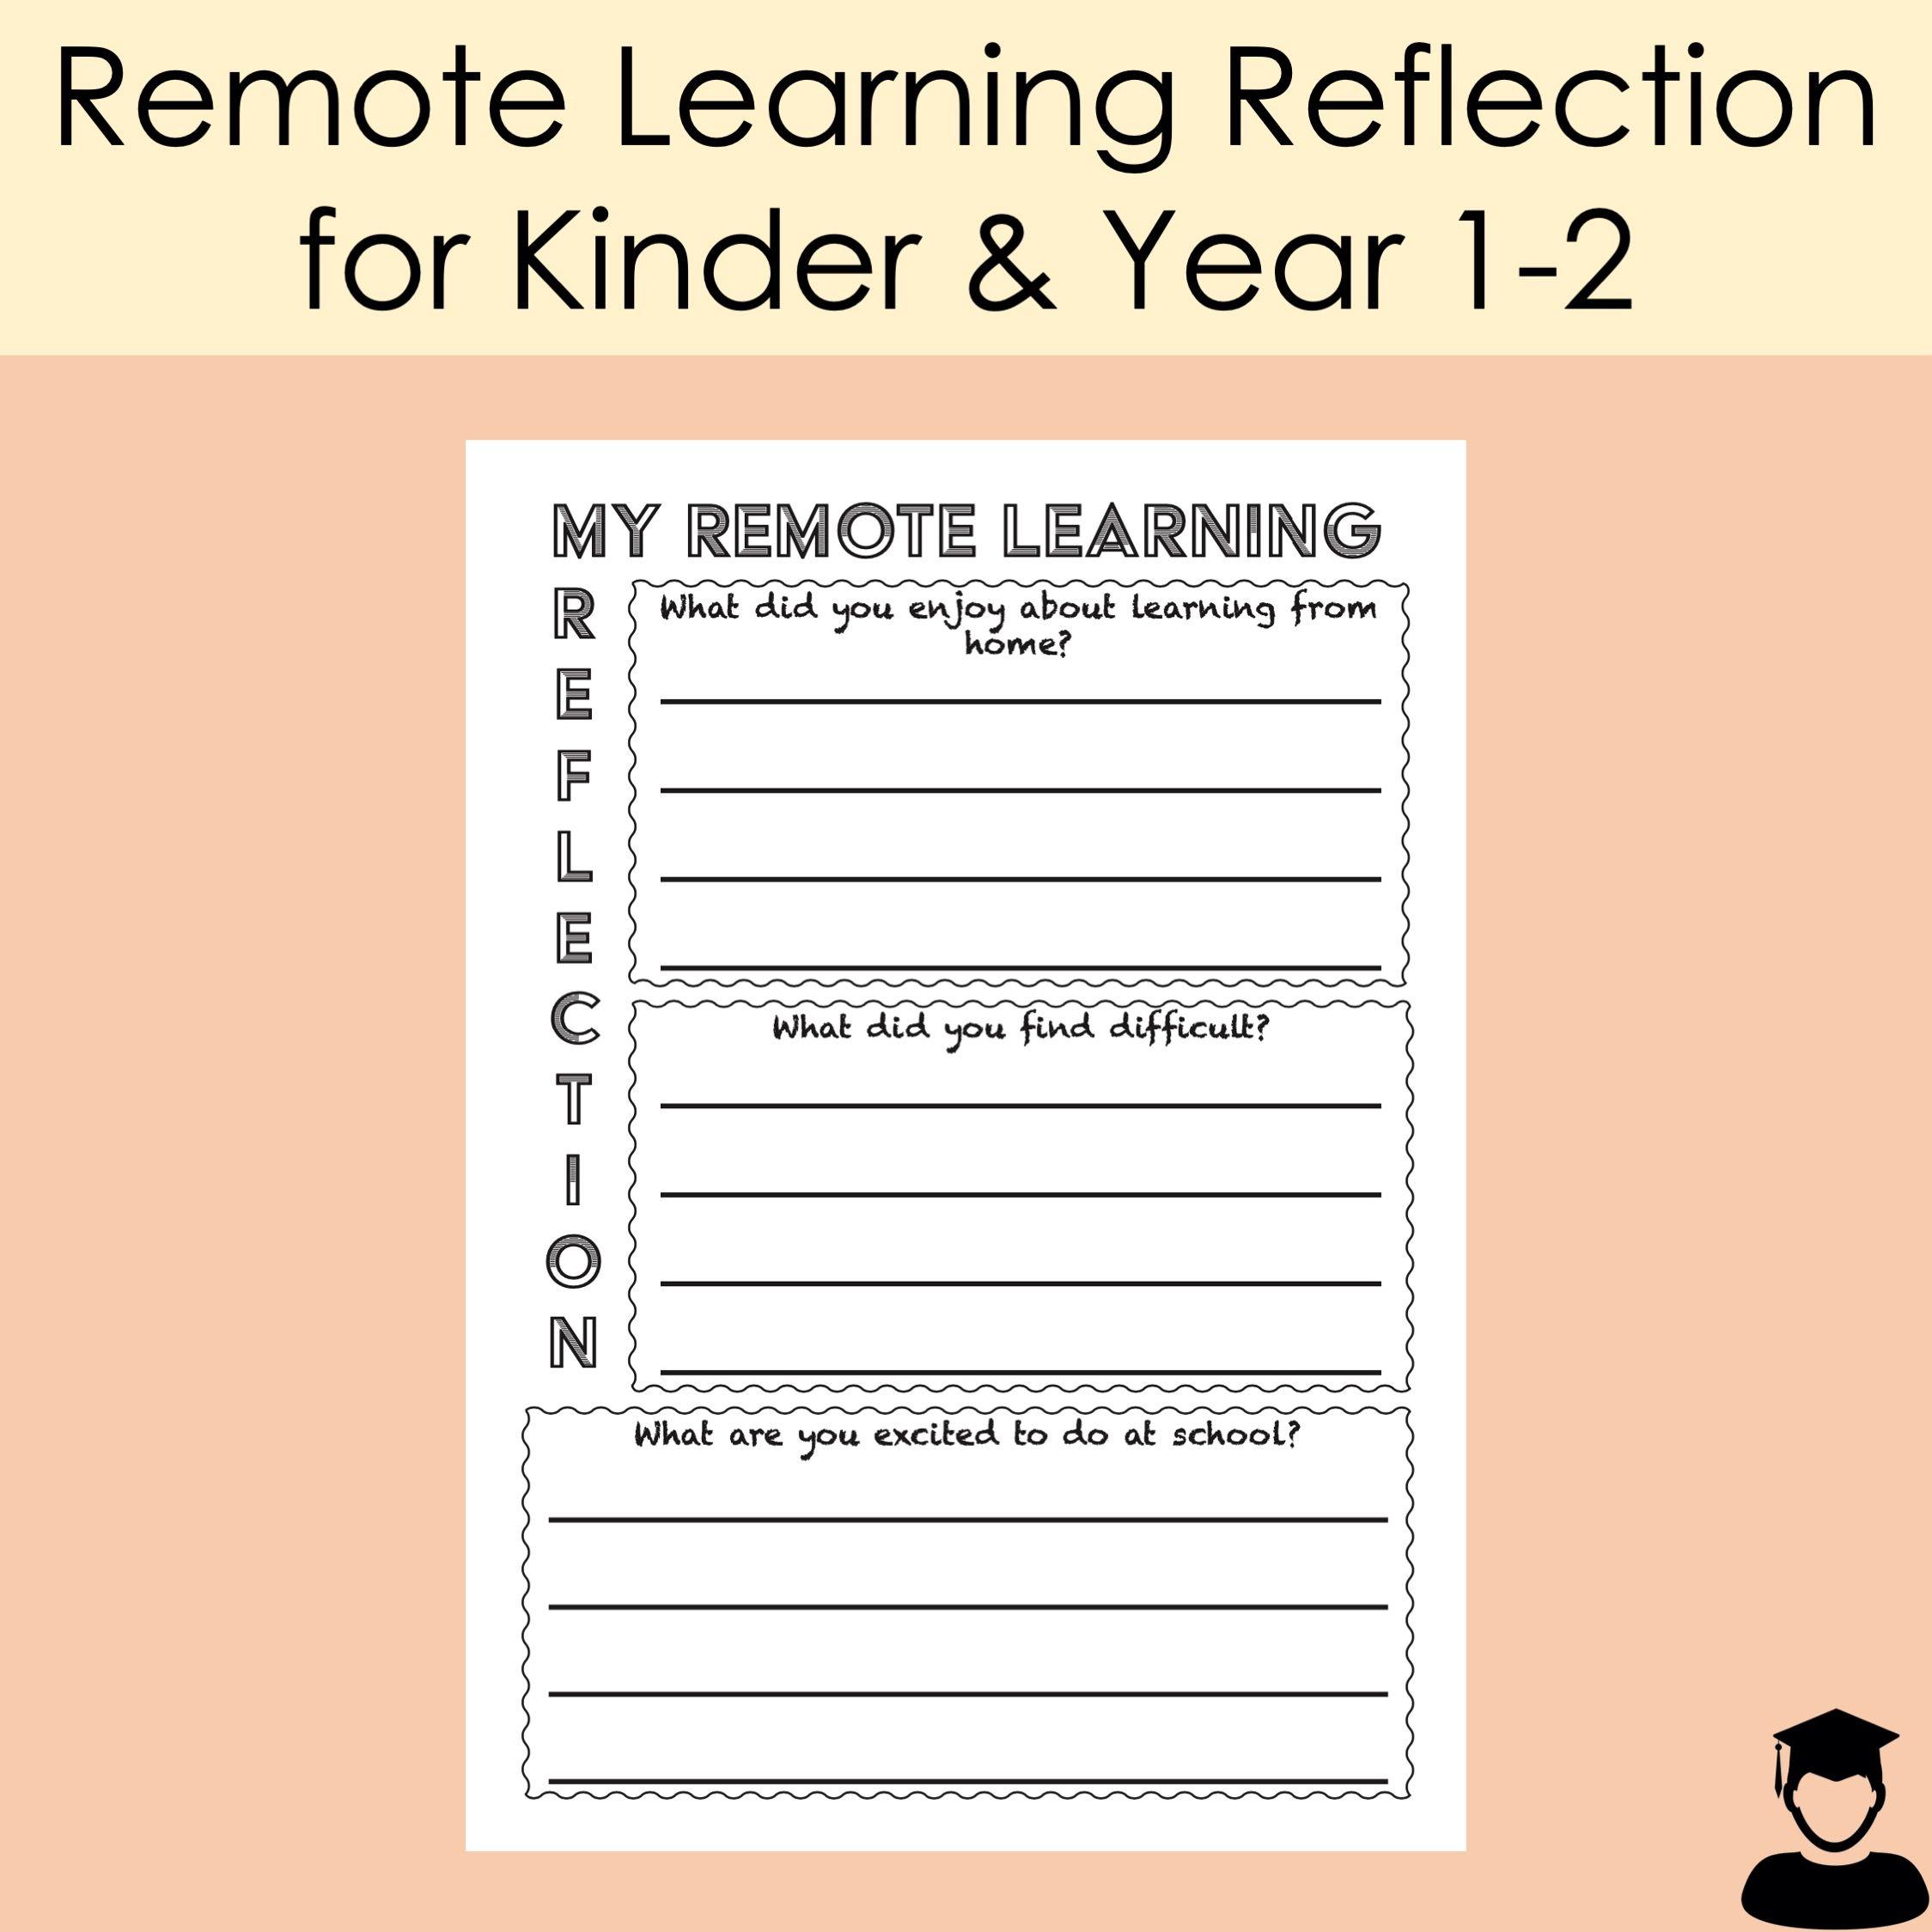 Remote Learning Reflection Victoria Australia Home Learning Student Reflection Learning [ 2249 x 2249 Pixel ]